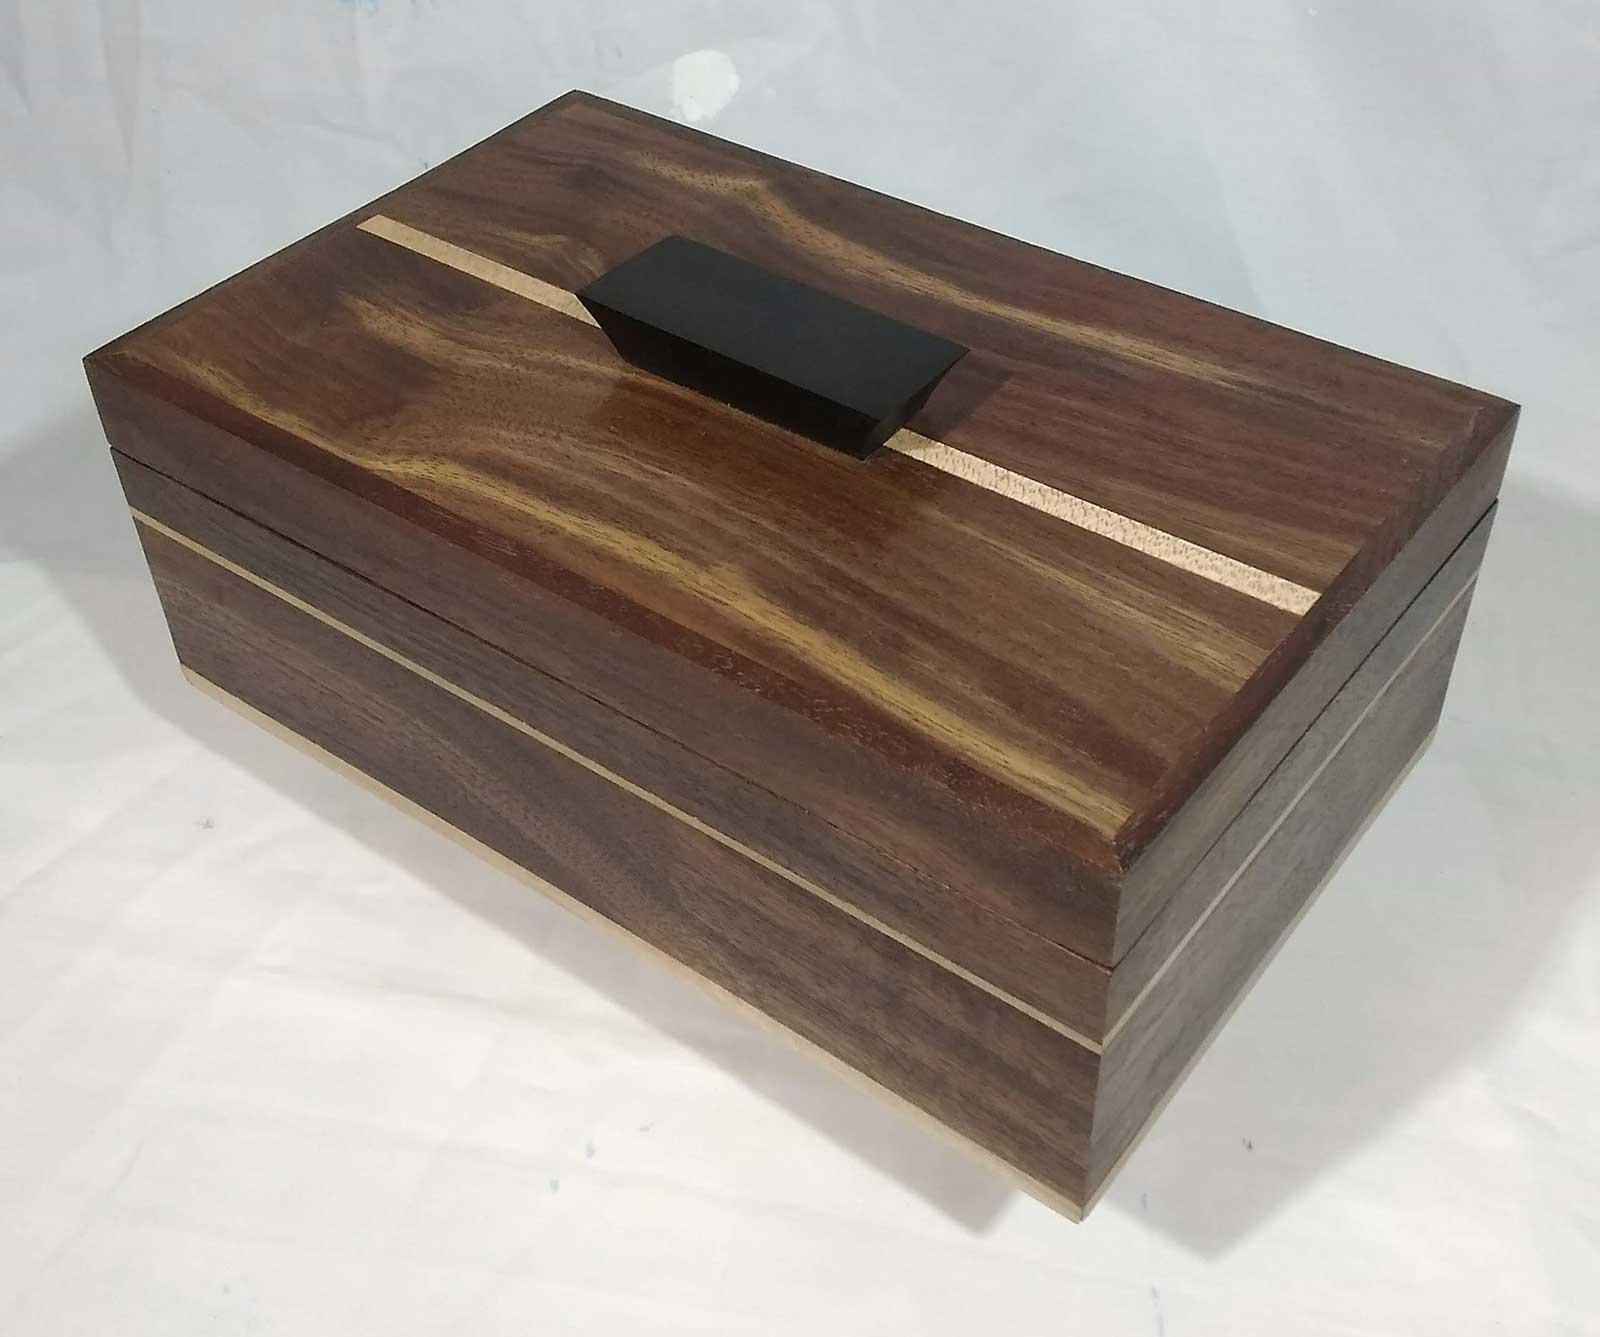 Pete Rock BOX#53 Black Walnut $200.00